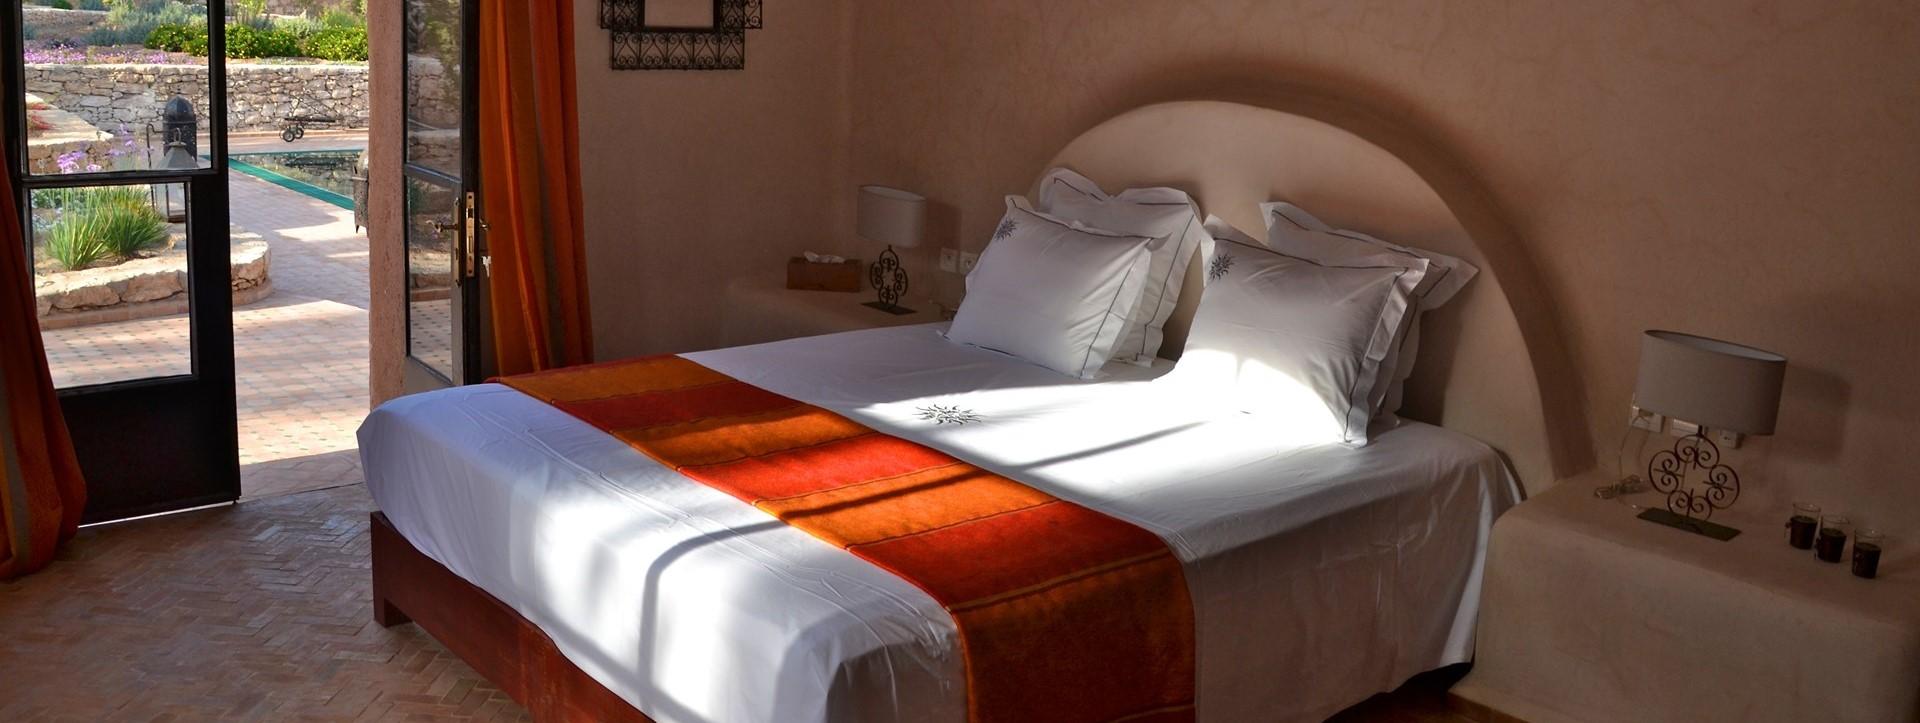 villa-basmah-essaouira-double-bedroom-1.